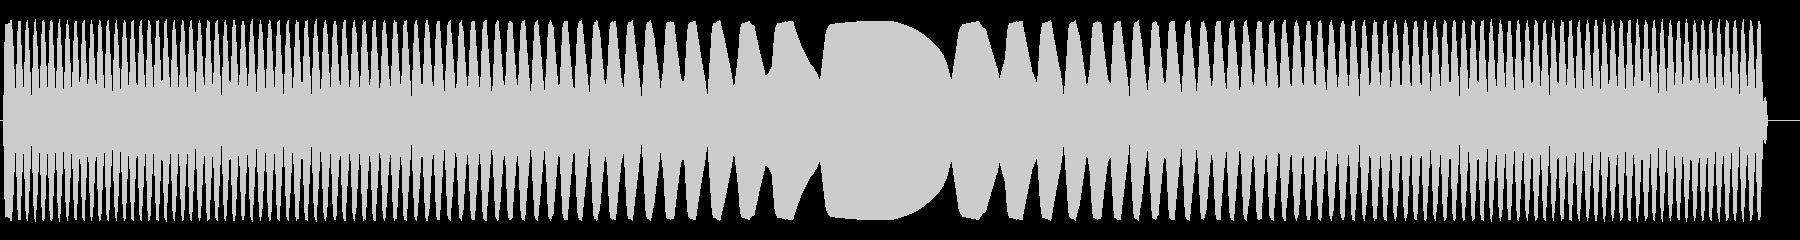 キ〜ン(かなり高音で不快な金属音)の未再生の波形